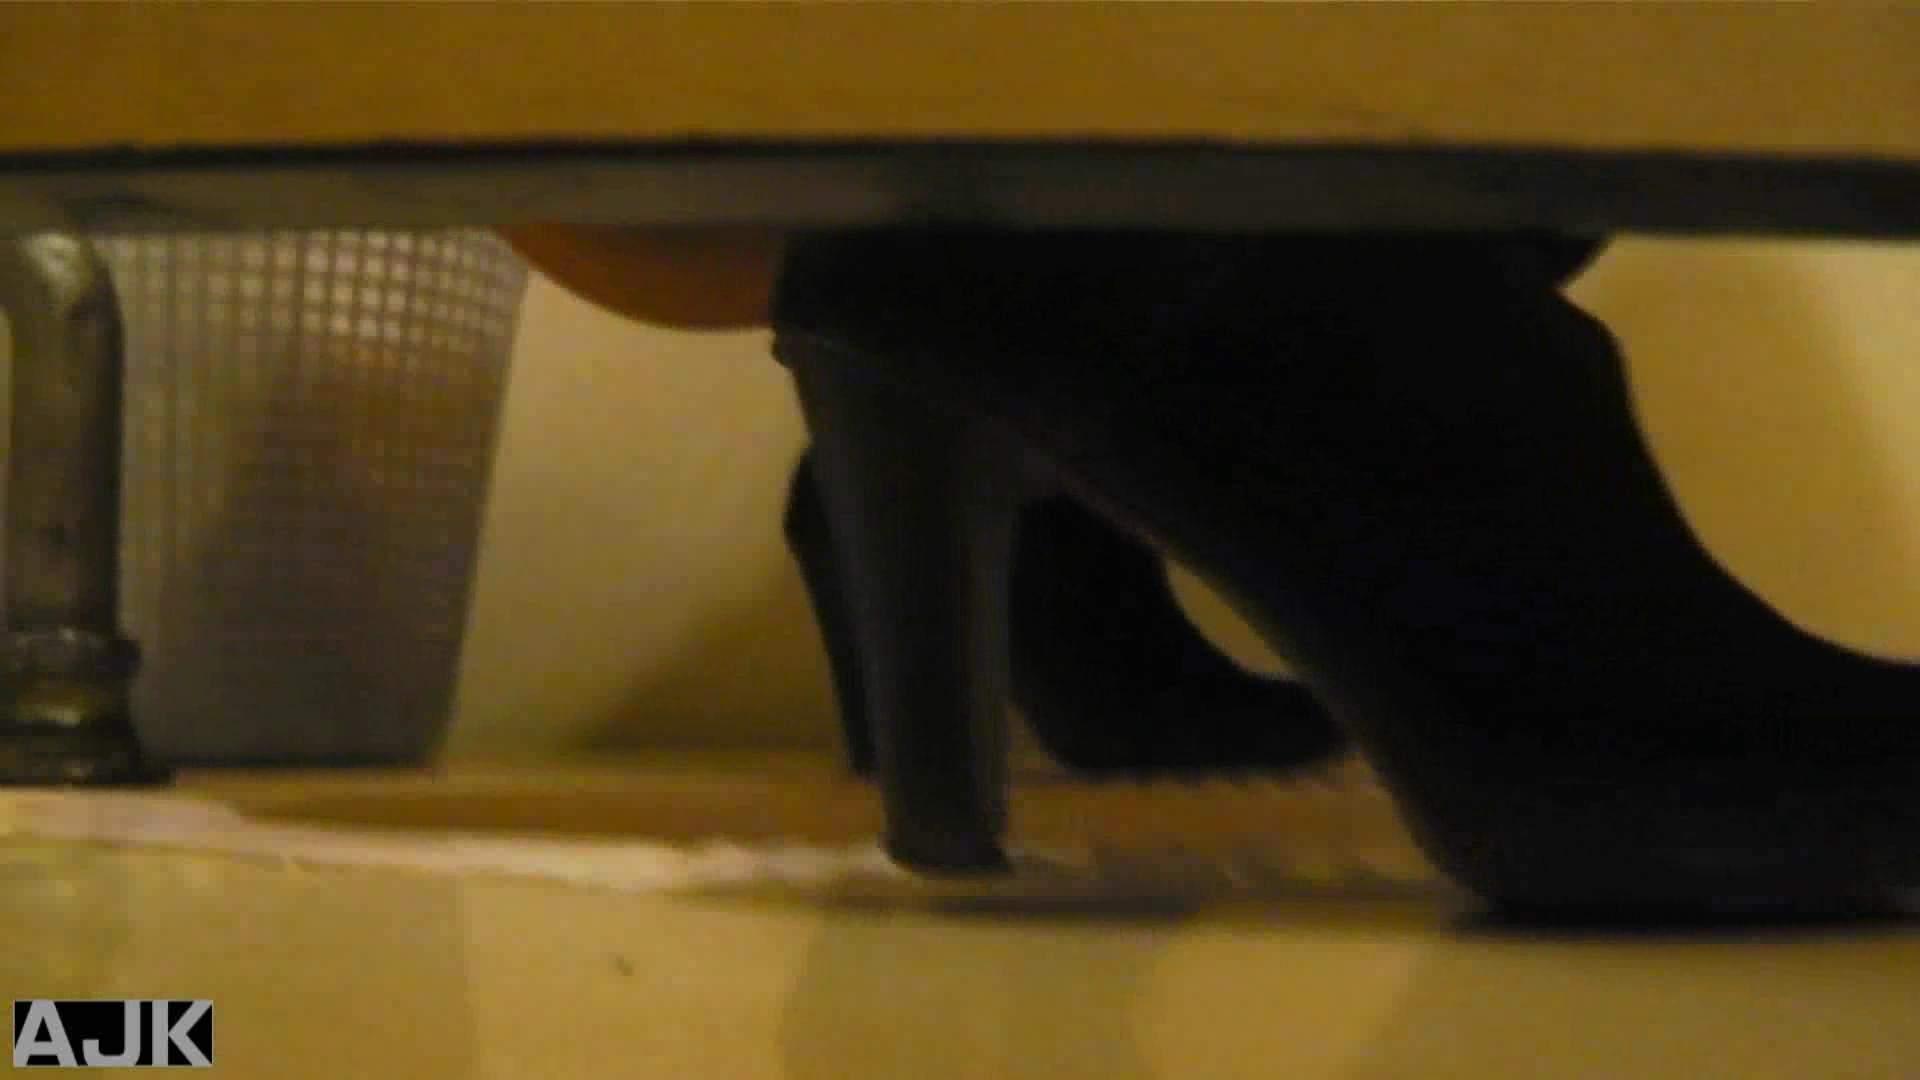 隣国上階級エリアの令嬢たちが集うデパートお手洗い Vol.26 お手洗い  17連発 2